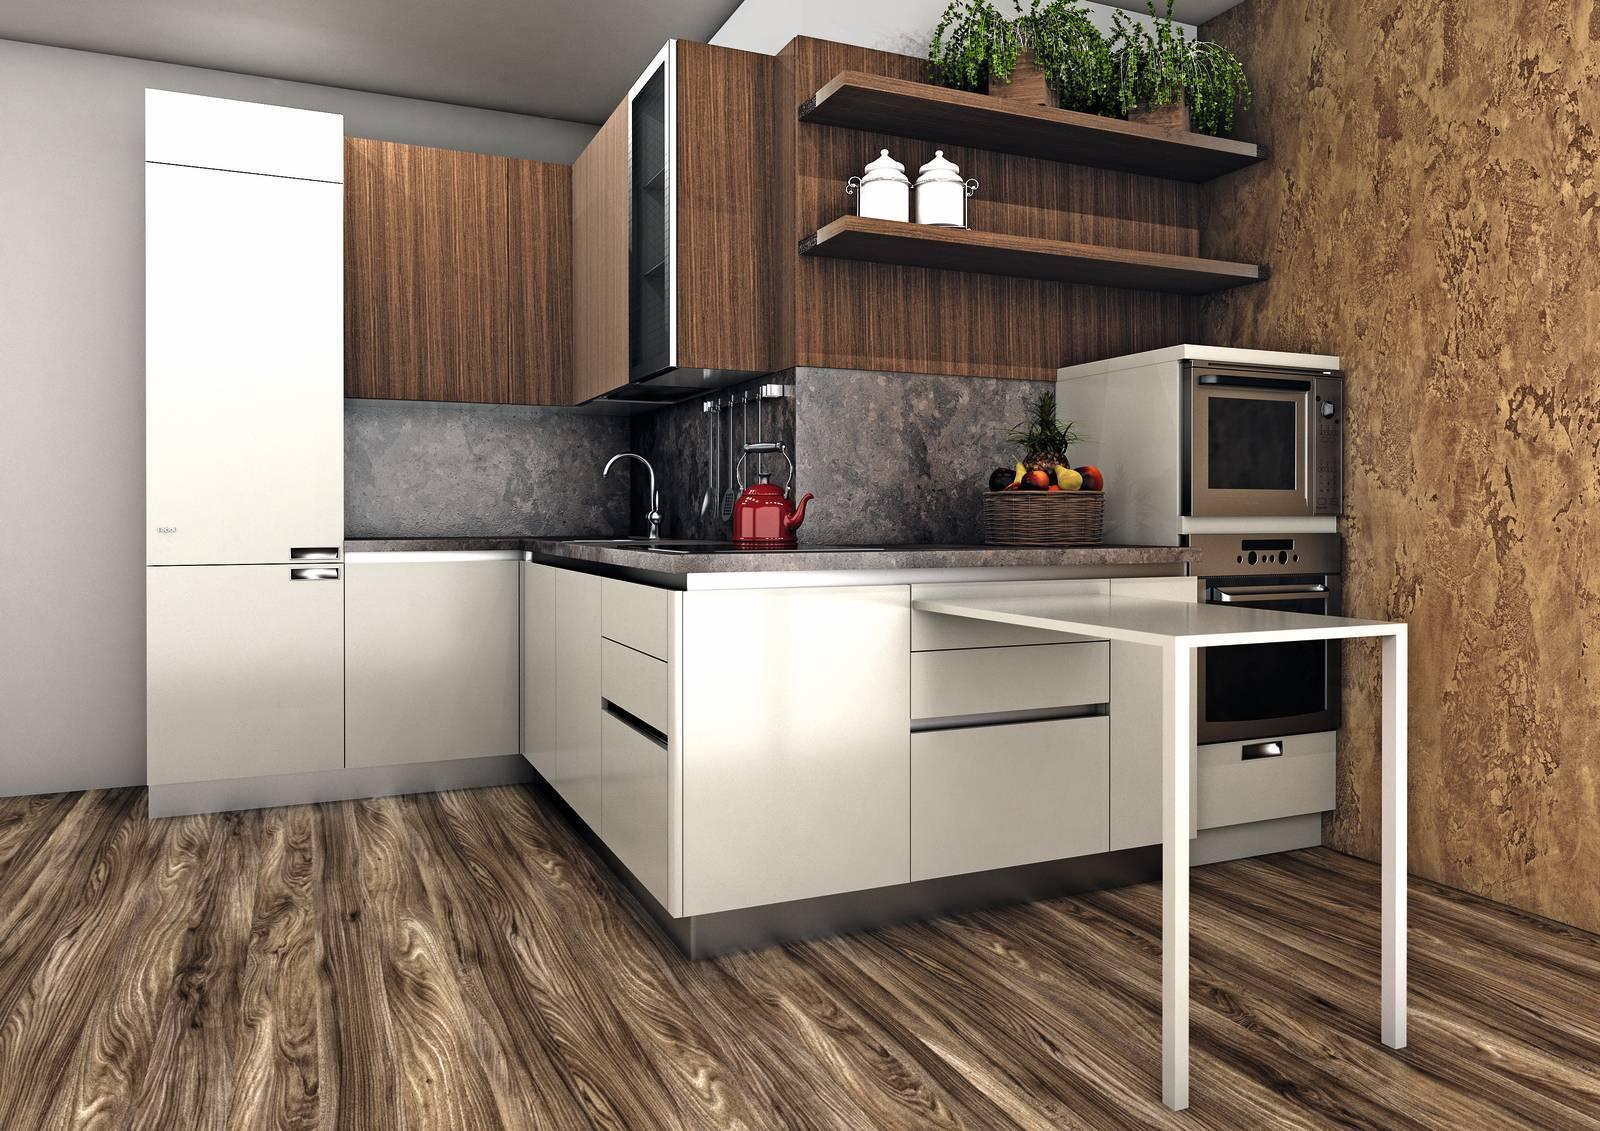 Progetti Cucina Per Meno Di 10 Mq 4 Soluzioni Con I Preventivi Dettagliati Cose Di Casa